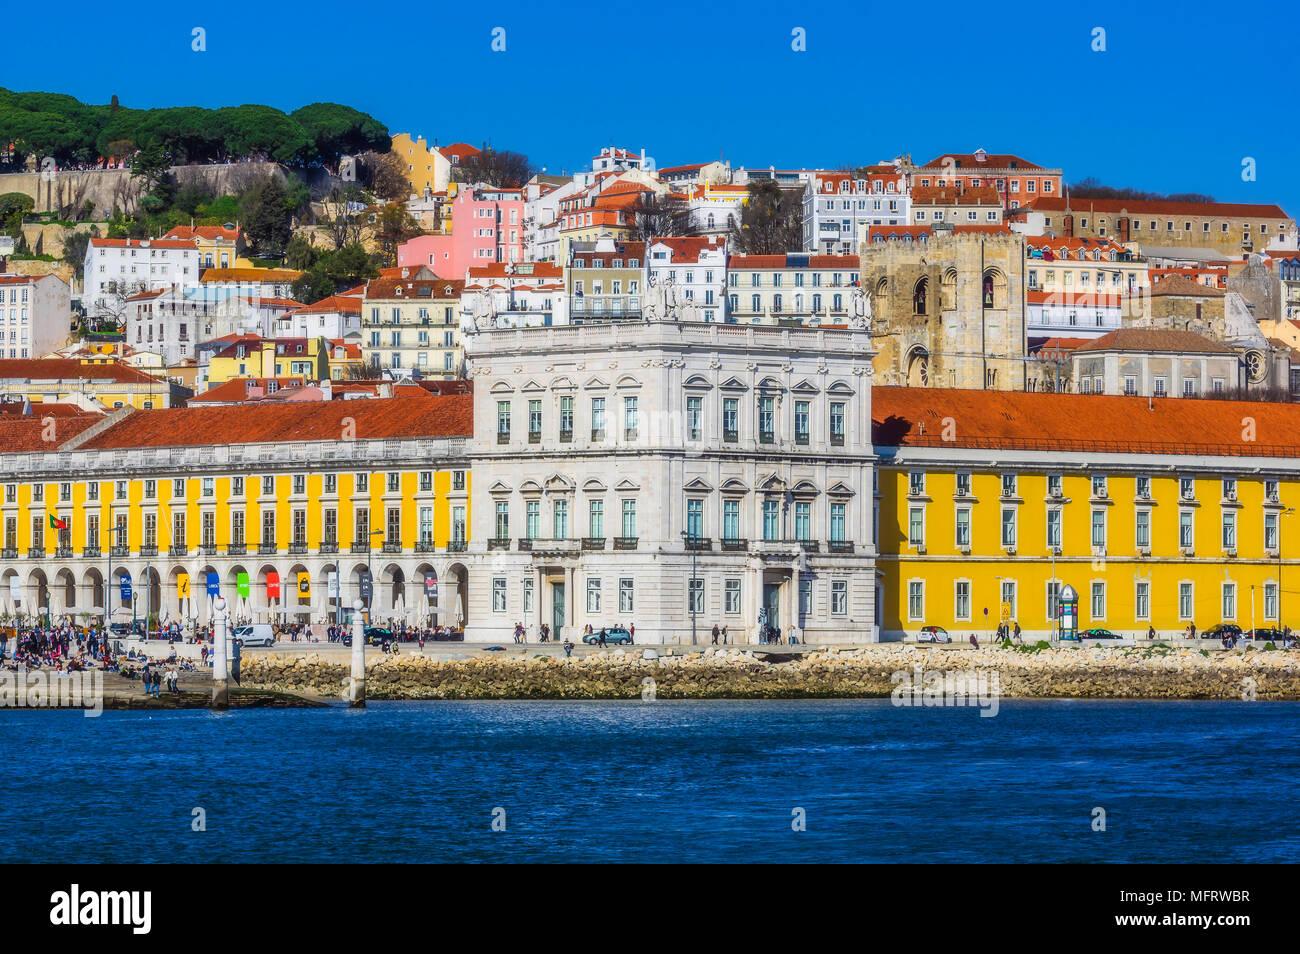 View of the trading centre, Praça do Comércio, Alfama, Lisbon, Portugal Stock Photo